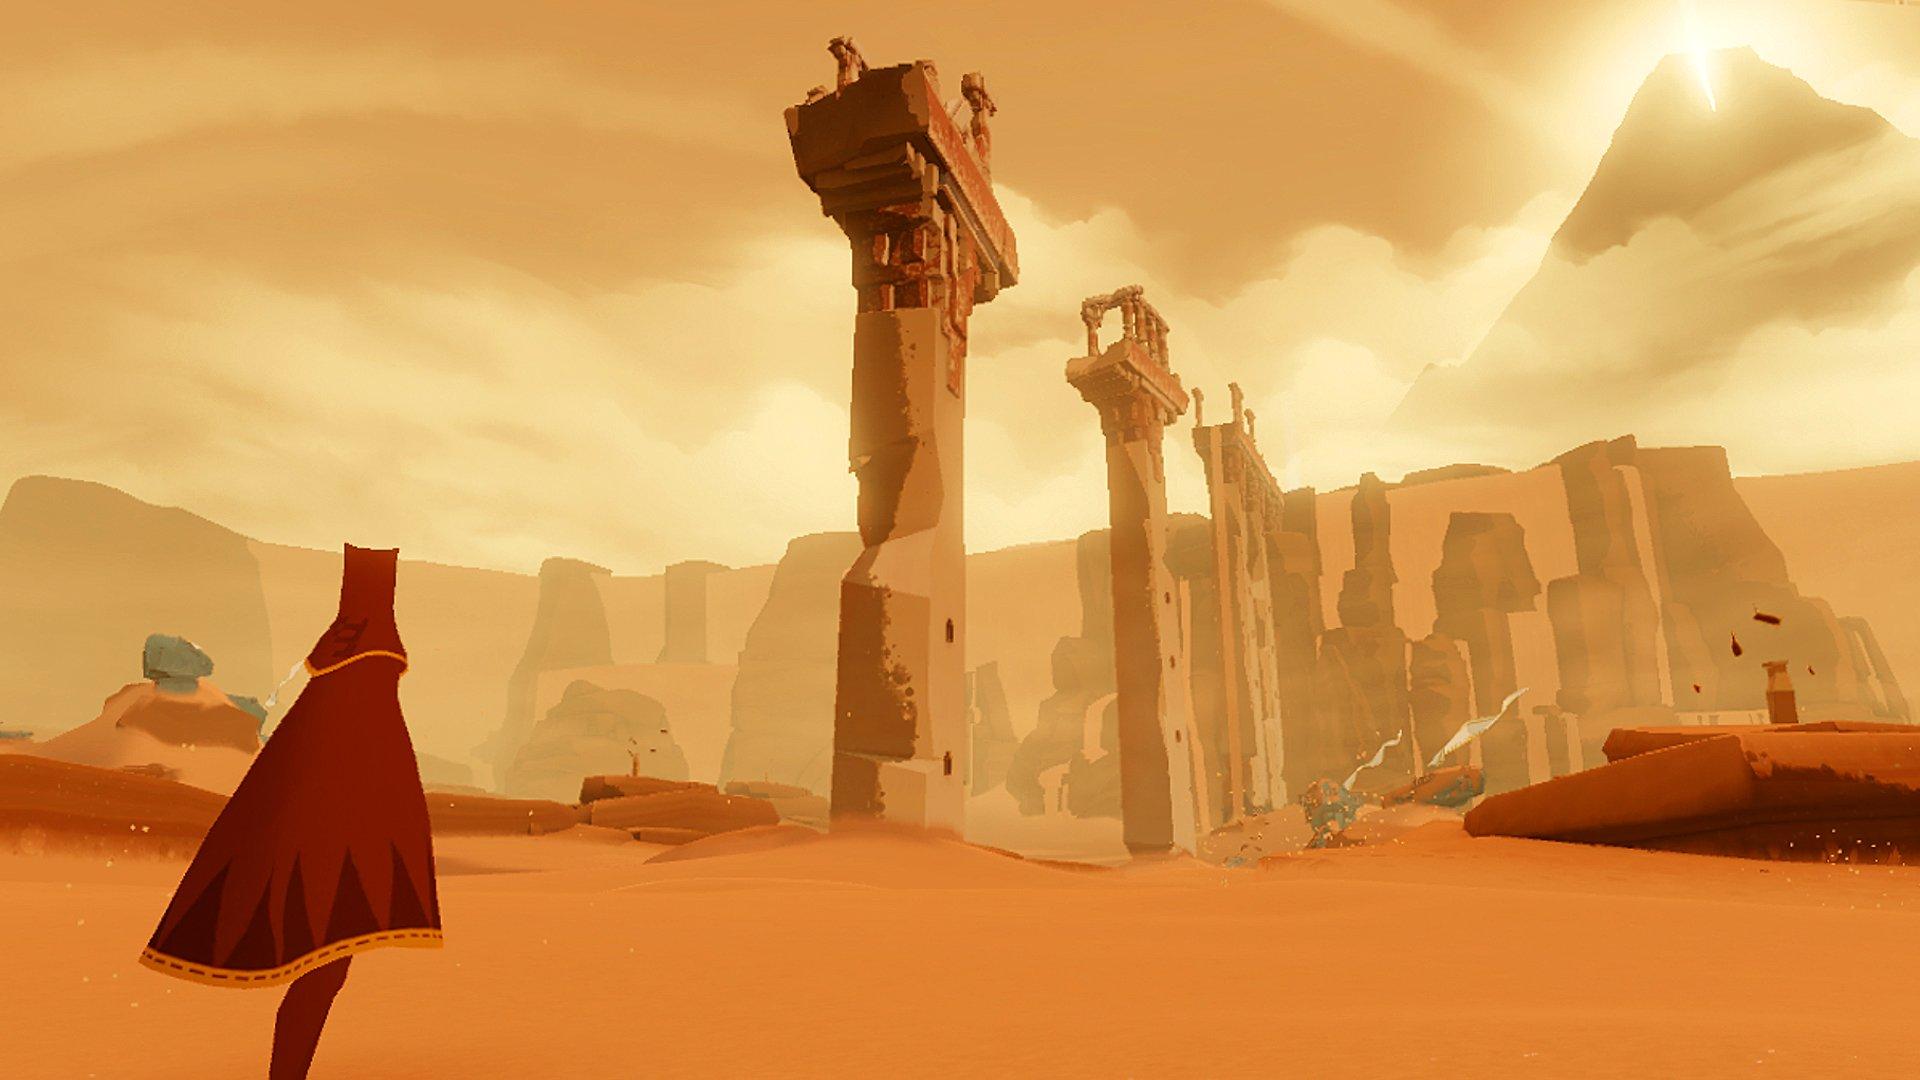 Игра от создателей Fl0w и Flower студии Thatgamecompany про грустный шарфик, который путешествует по пустыне и встре ... - Изображение 1